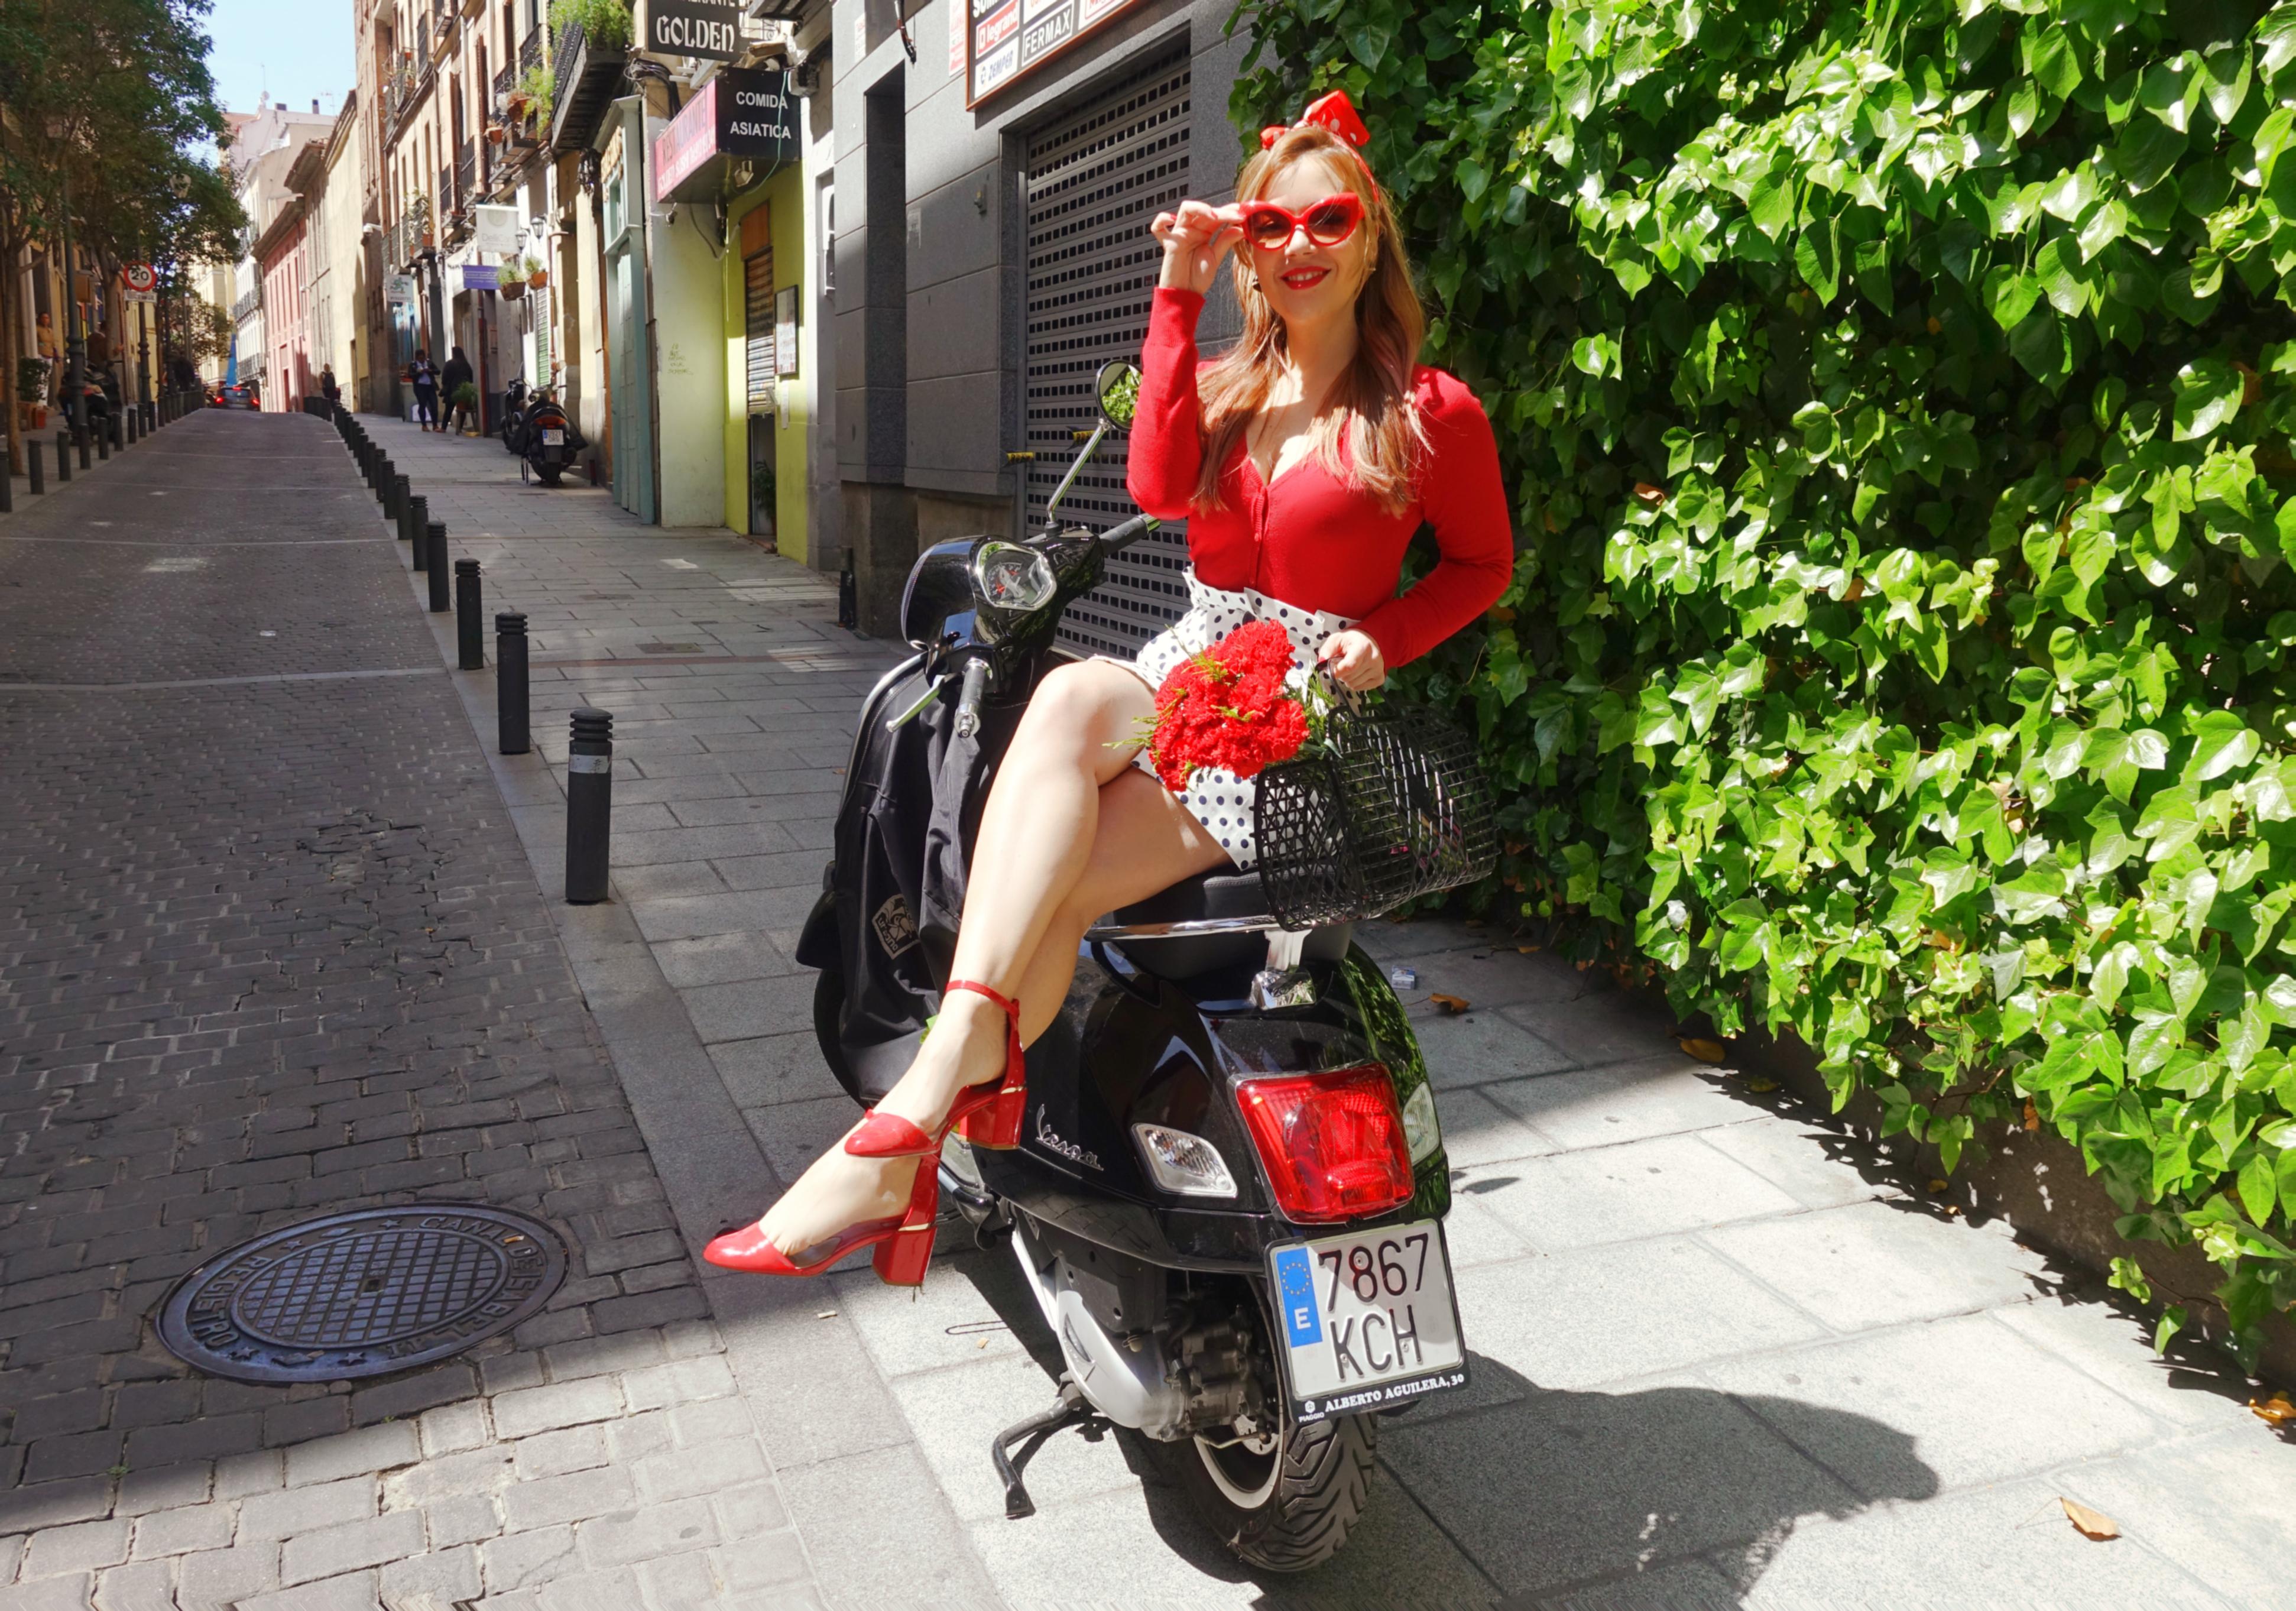 Zapatos-retro-blog-de-moda-ChicAdicta-influencer-Madrid-Chic-Adicta-look-de-lunares-PiensaenChic-claveles-rojos-Piensa-en-Chic